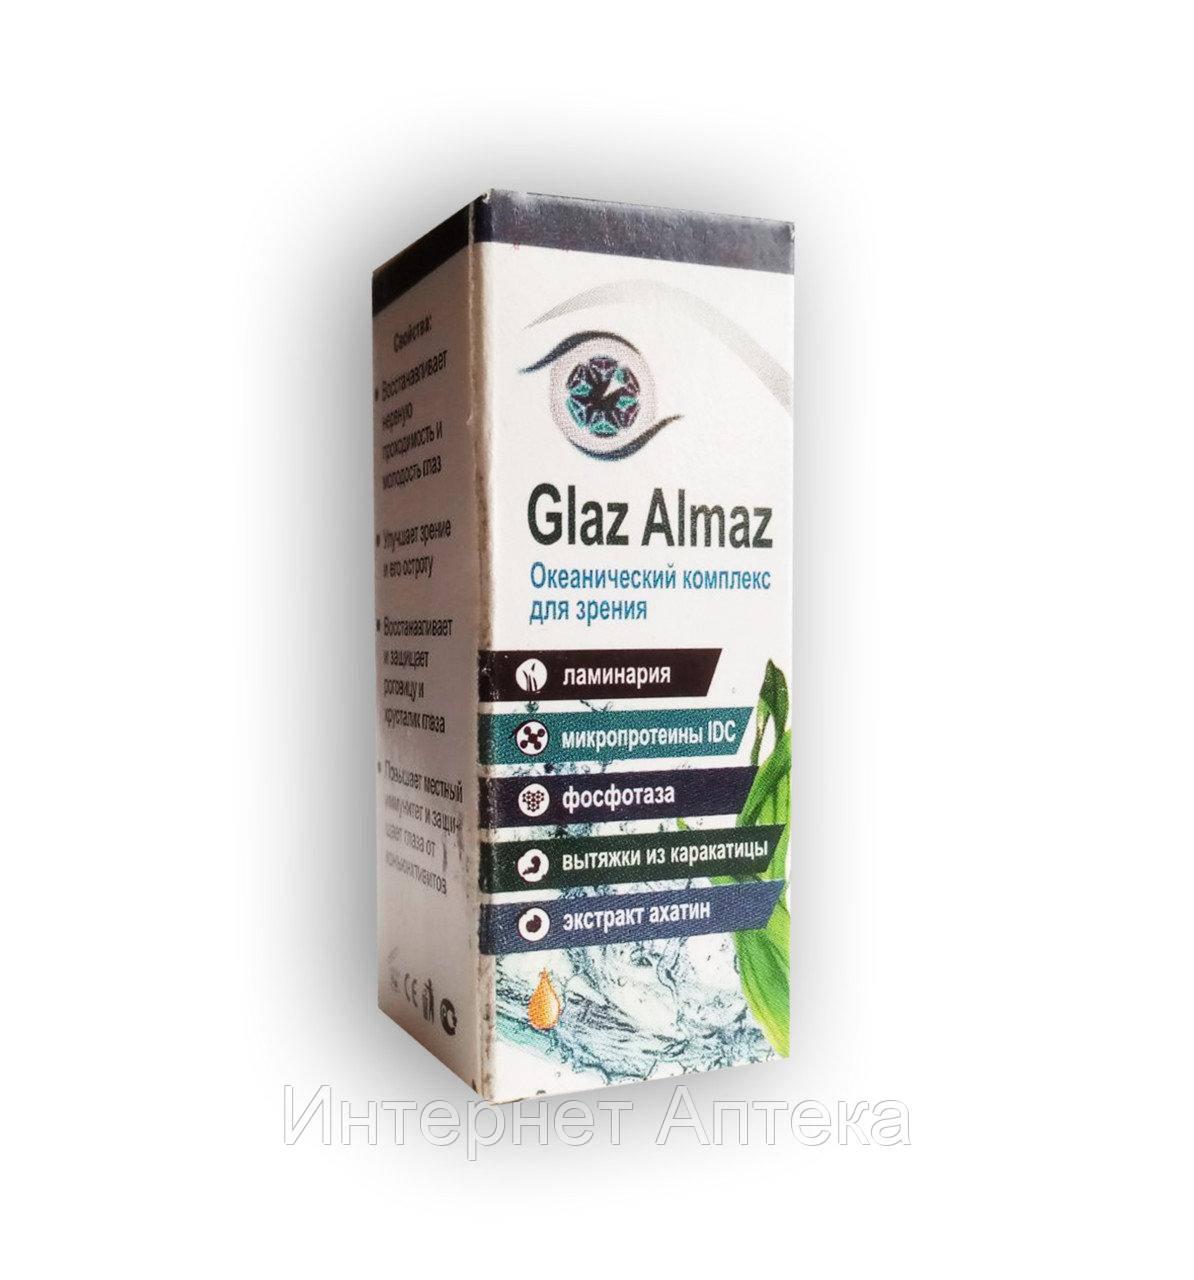 Преимущества В ассортименте каждой аптеки вы найдете массу всевозможных  комплекс для зрения, капли глаз алмаз